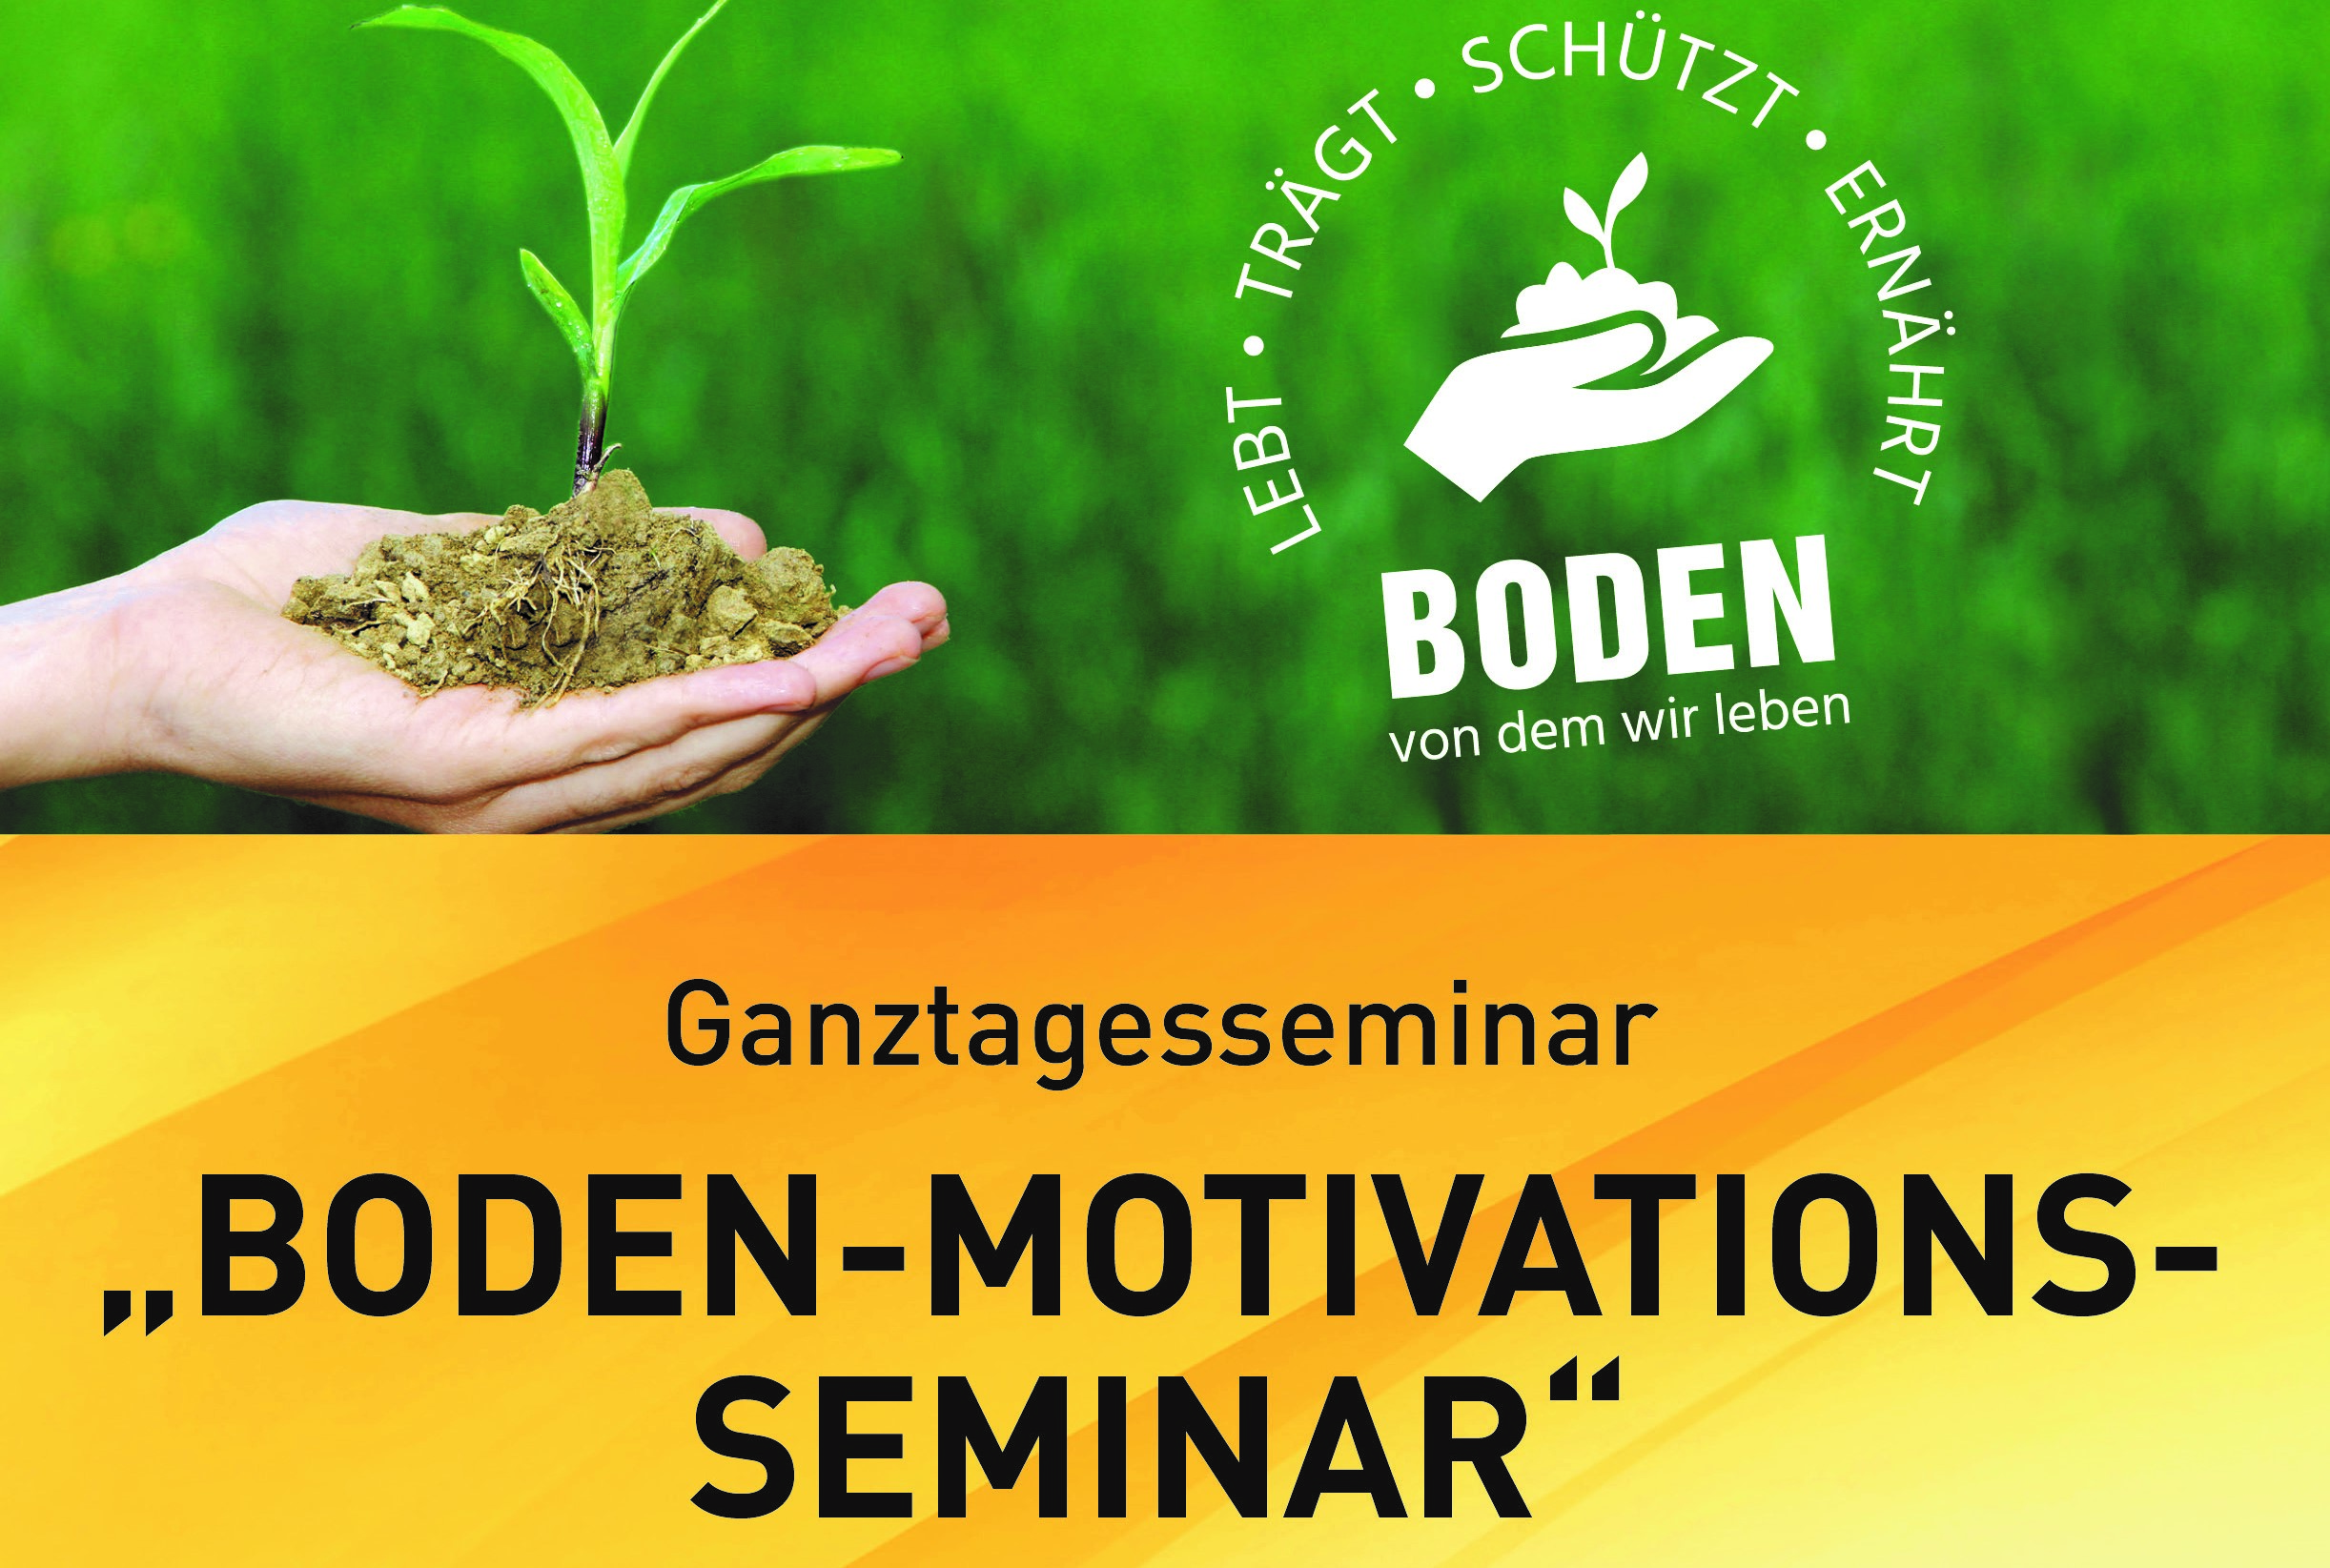 Boden-Motivationsseminar am 14. Jänner 2019, Paldau